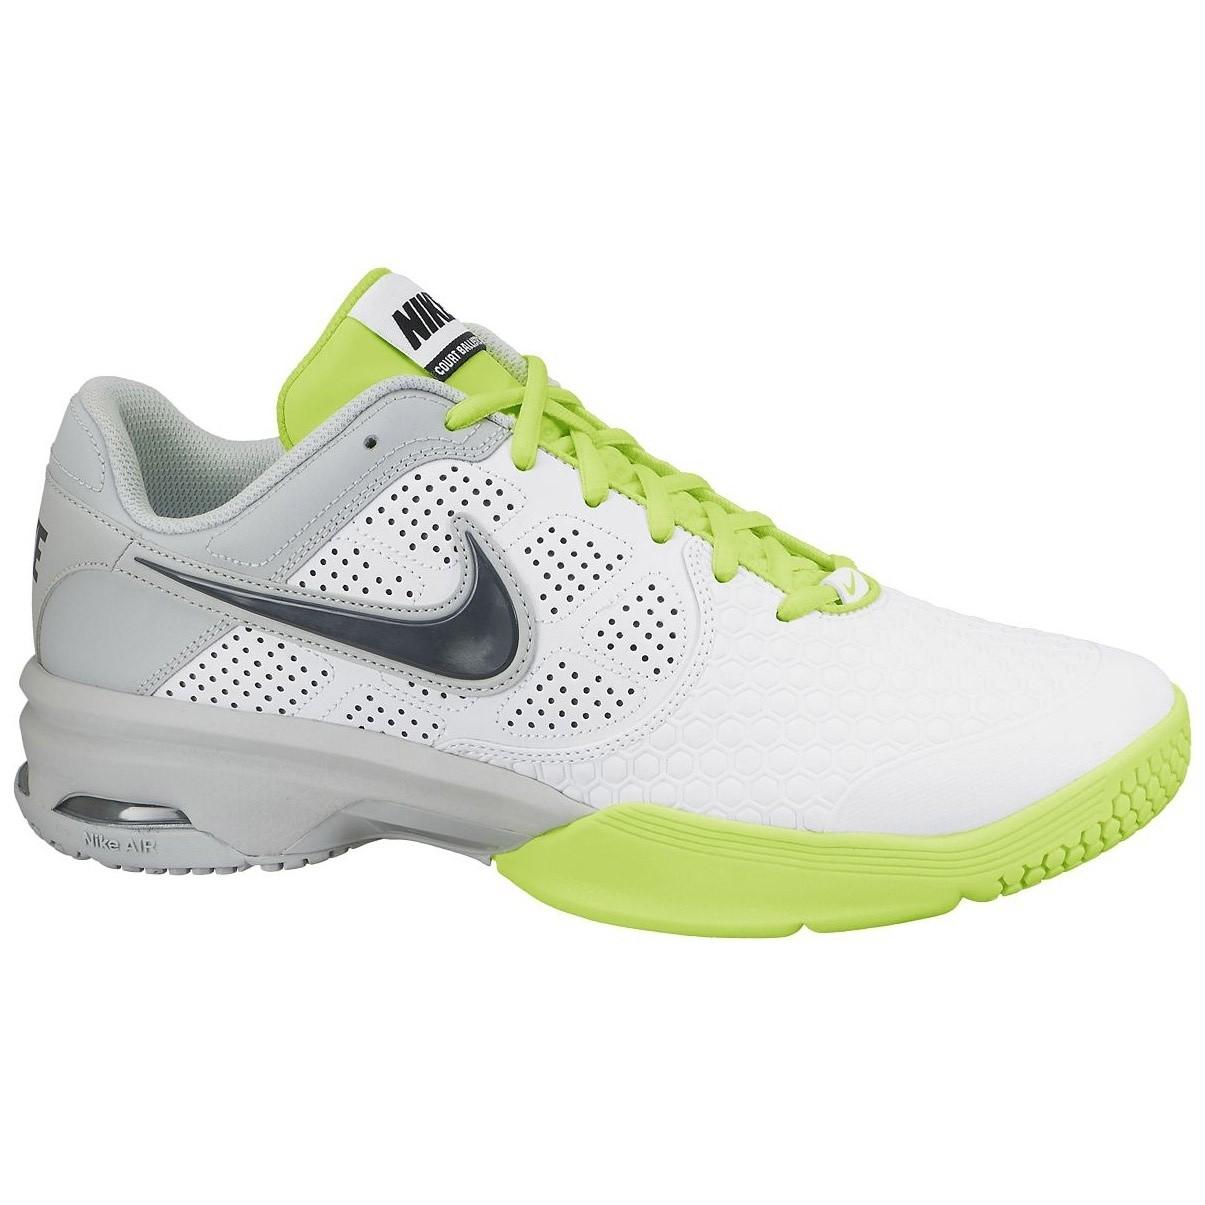 outlet store 087b9 7edda SNEAKERS di Nike Tg. de 40.5 NERO Uomo 488144a - duradrusti.org